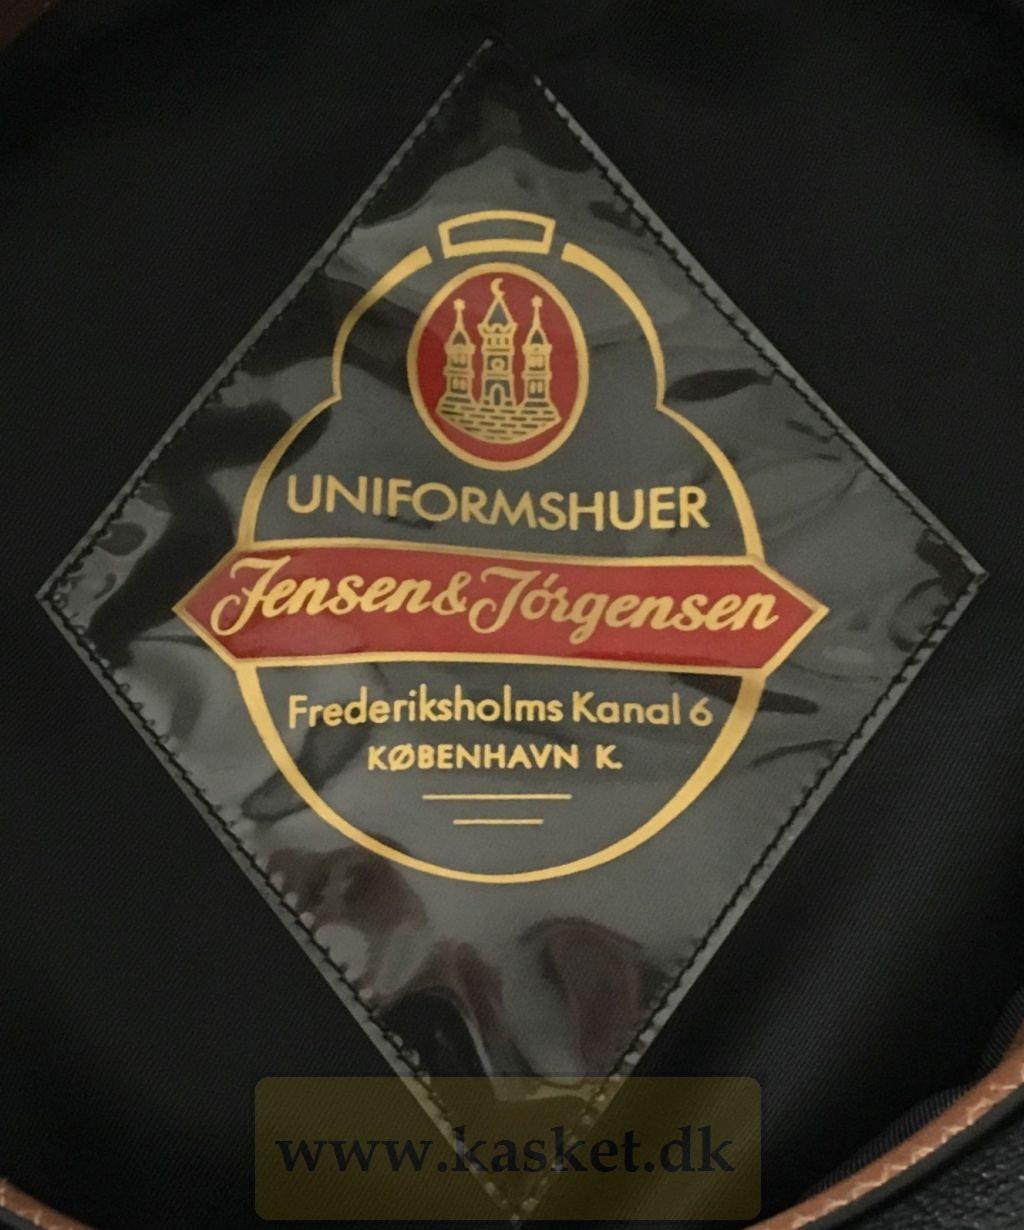 Jensen & Jørgensen Frederiksholms kanal 6, Kbh. K.